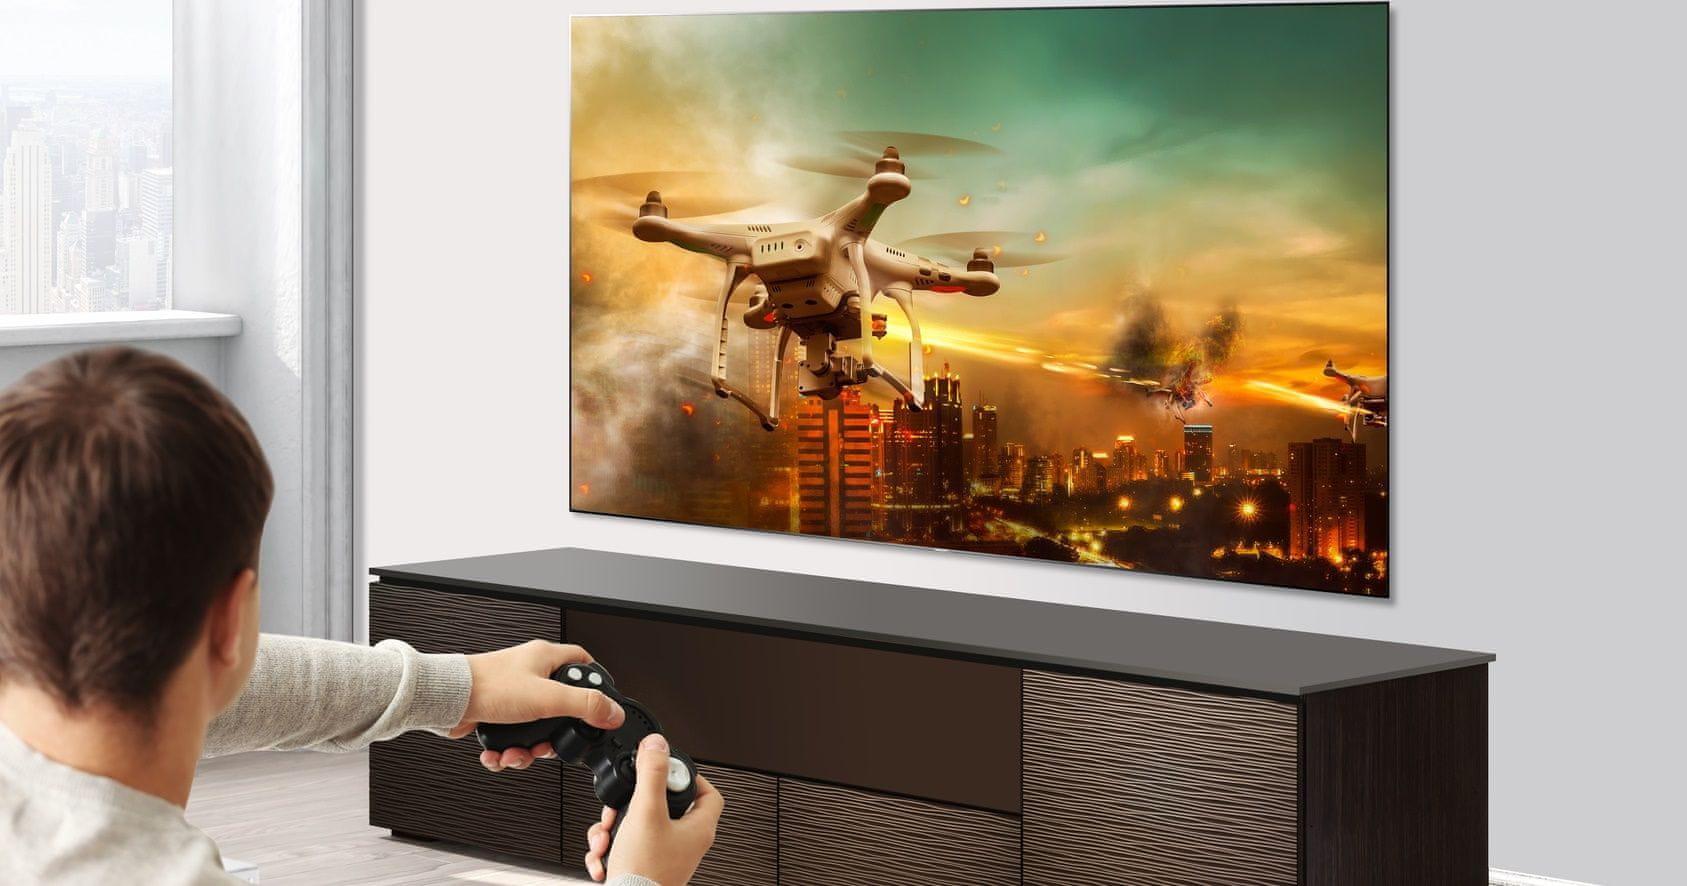 hisense tv televize 4K 2021 hdmi dvd přehrávače herní konzole